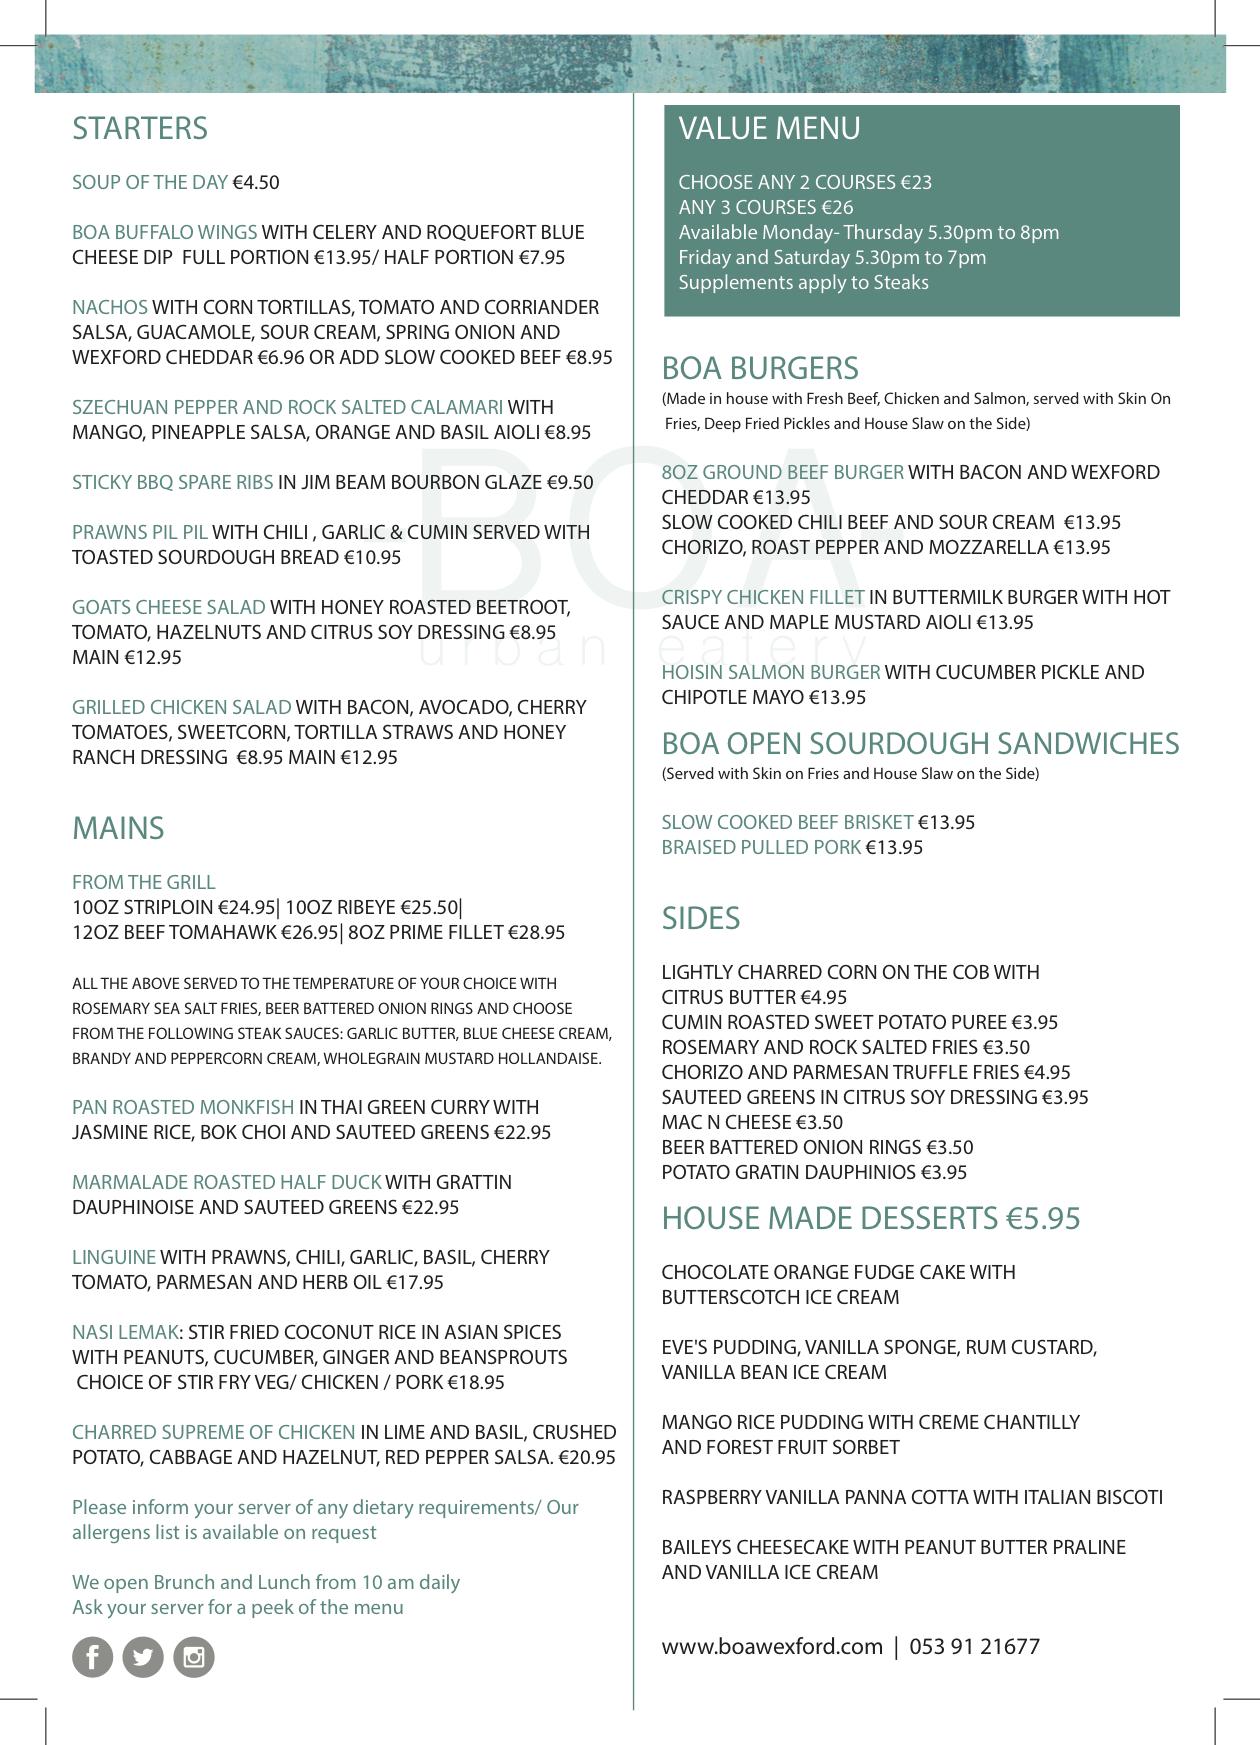 Dinner menu print red